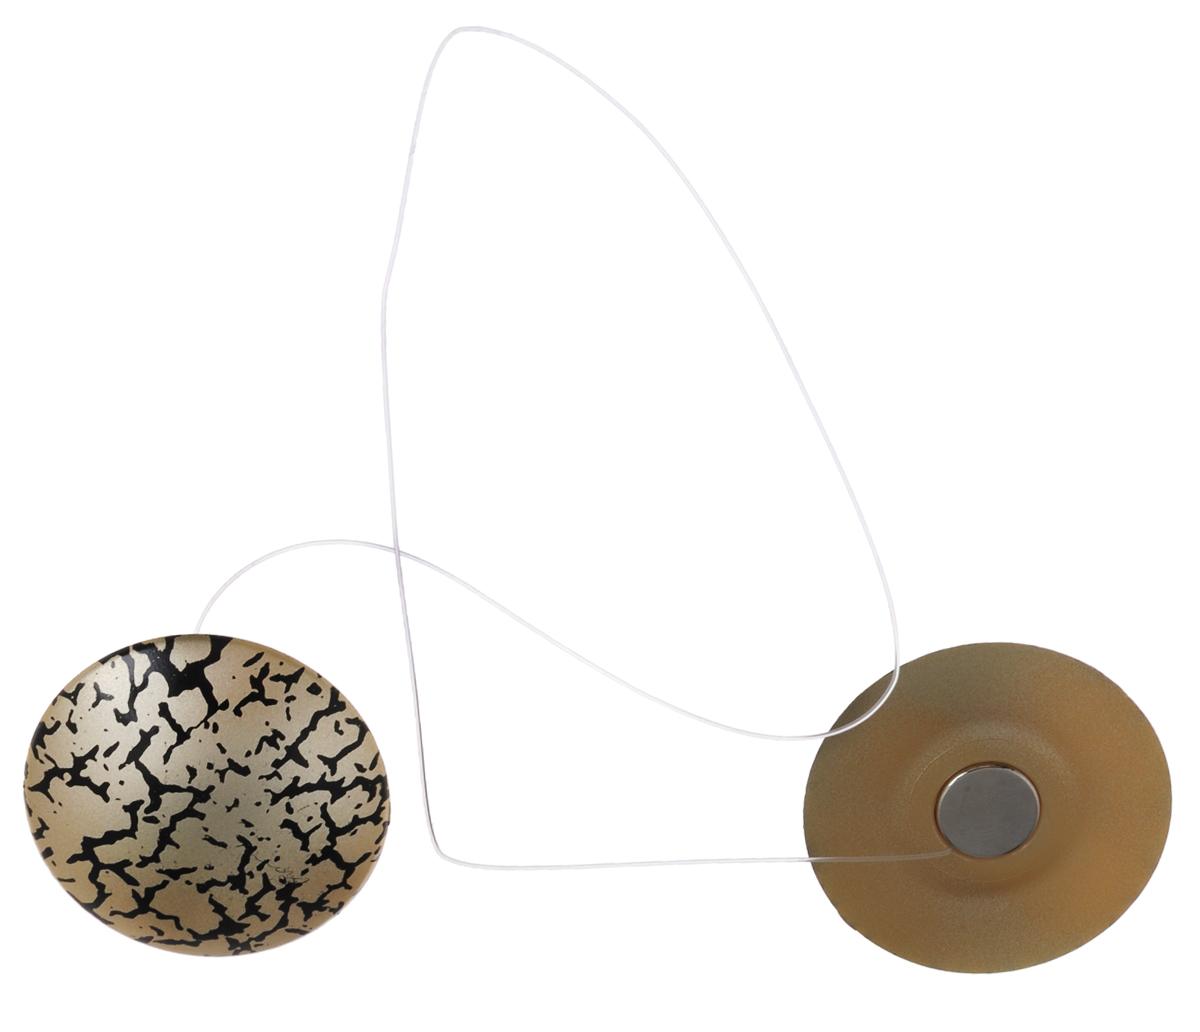 Клипсы магнитные для штор SmolTtx Трещины, с леской, цвет: бежевый, черный, , длина 33,5 см, 2 шт544091_6ЕМагнитные клипсы SmolTtx Трещины предназначены для придания формы шторам. Изделие представляет собой соединенные леской два элемента, на внутренней поверхности которых расположены магниты.С помощью такой клипсы можно зафиксировать портьеры, придать им требуемое положение, сделать складки симметричными или приблизить портьеры, скрепить их.Следует отметить, что такие аксессуары для штор выполняют не только практическую функцию, но также являются одной из основных деталей декора, которая придает шторам восхитительный, стильный внешний вид. Длина клипсы (с учетом лески): 33,5 см. Диаметр клипсы: 3,5 см.